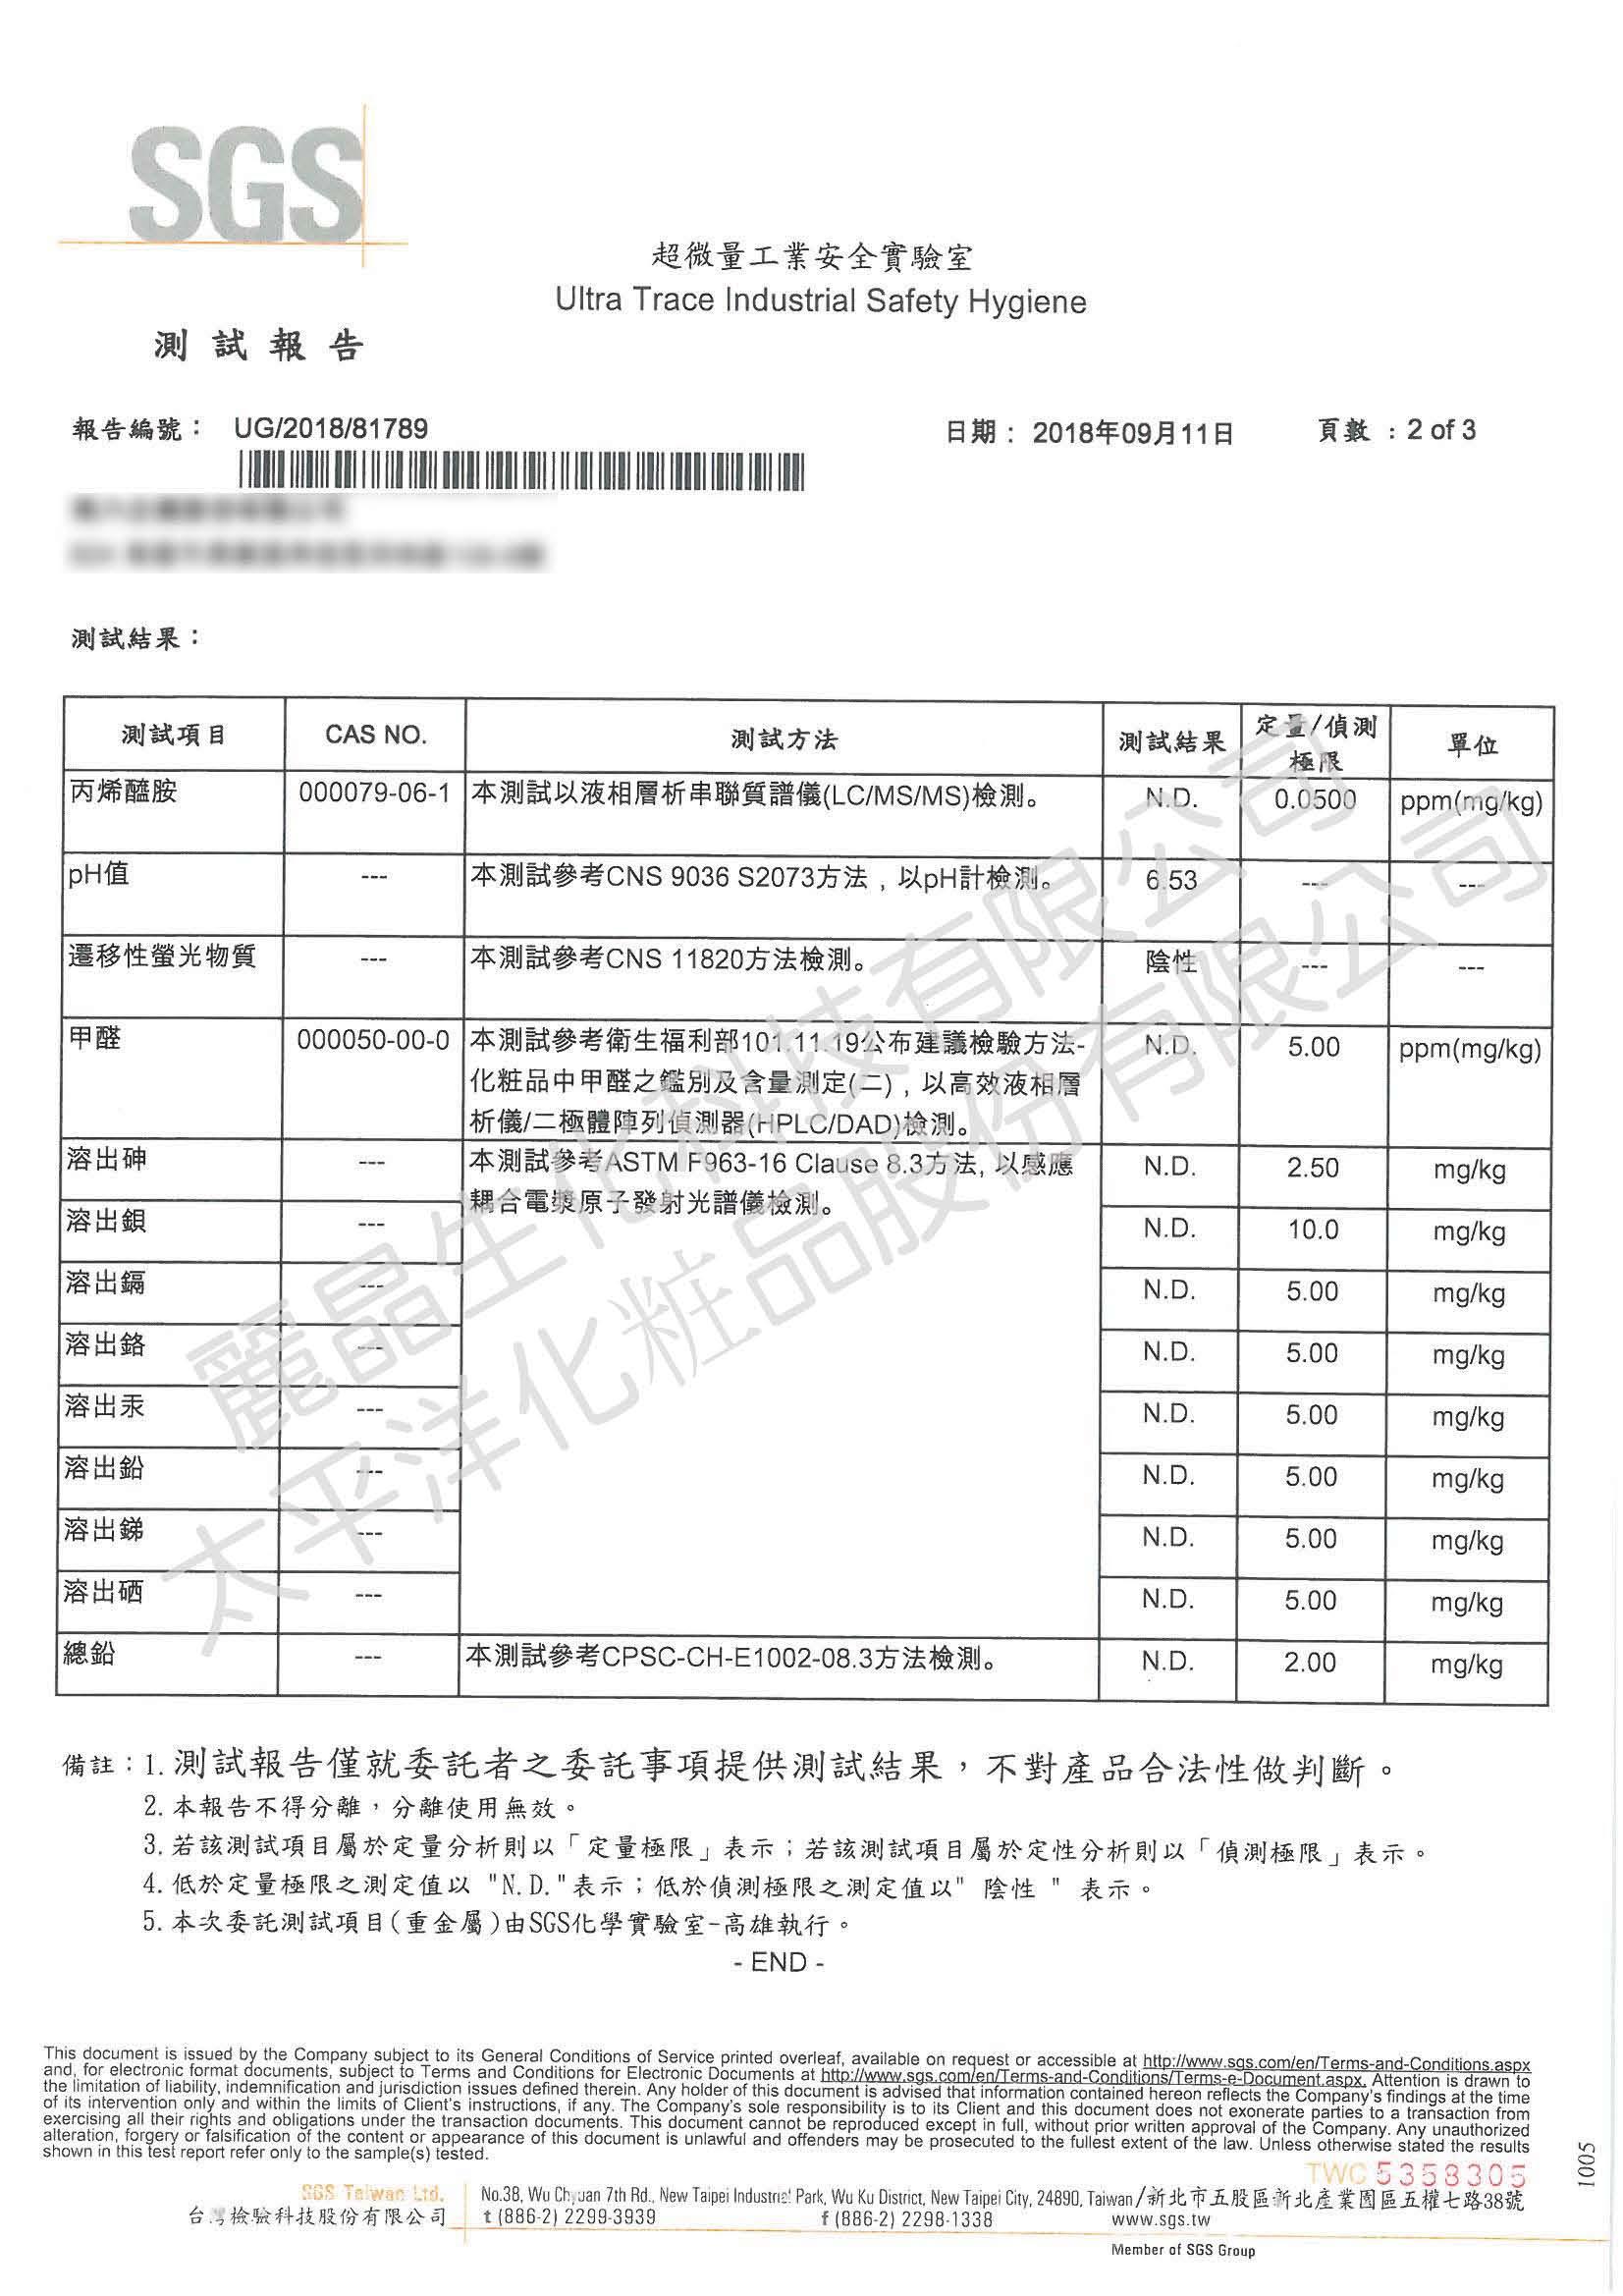 隱形面膜-天絲棉SGS測試報告2/3